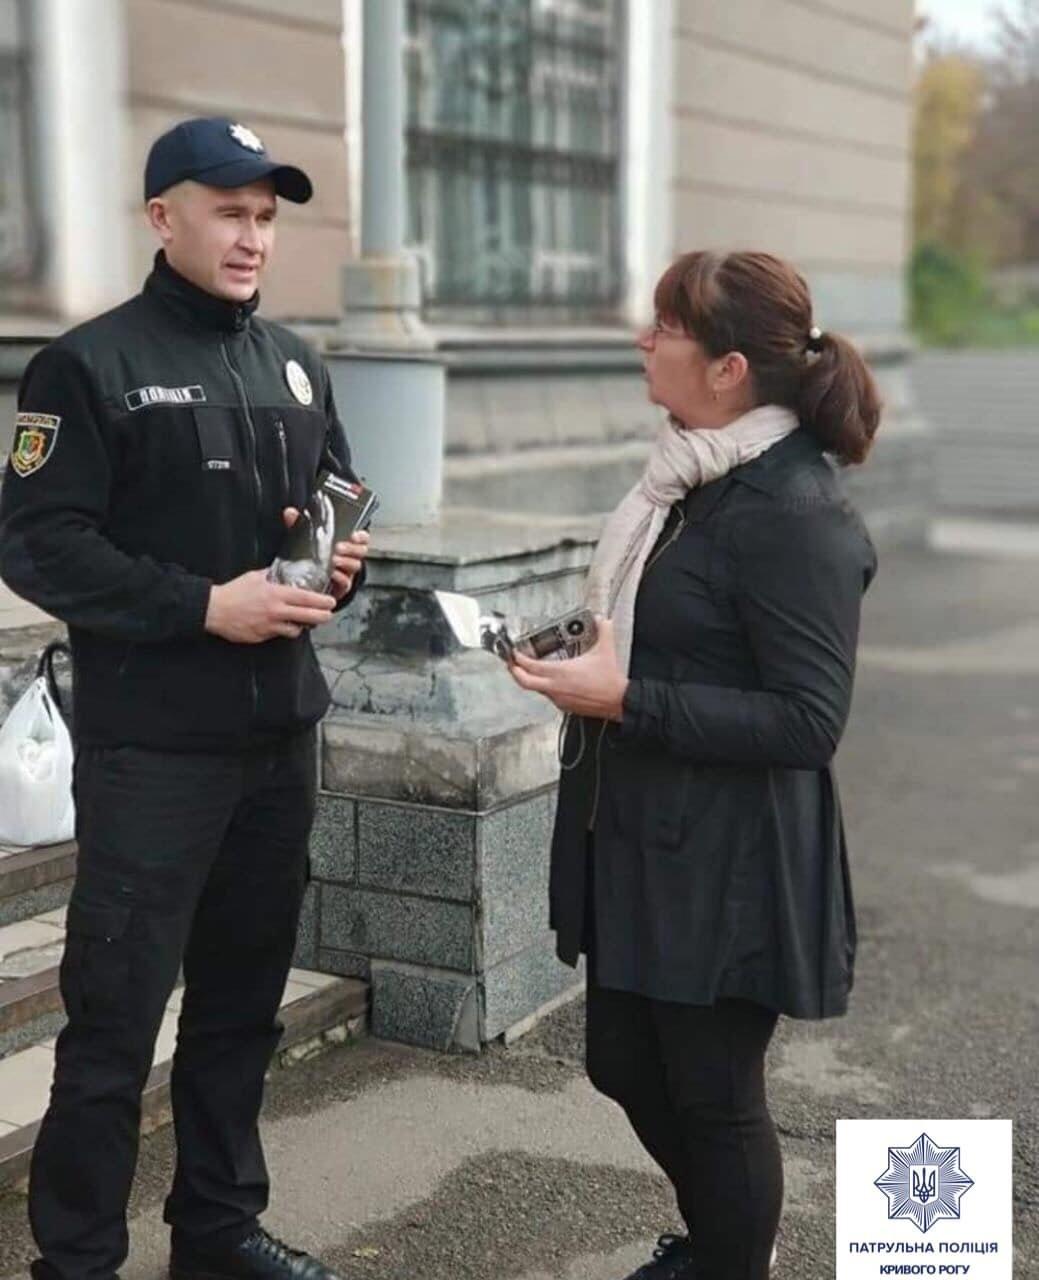 Патрульная полиция Кривого Рога помогает горожанам защититься от домашнего насилия, - ФОТО, фото-3